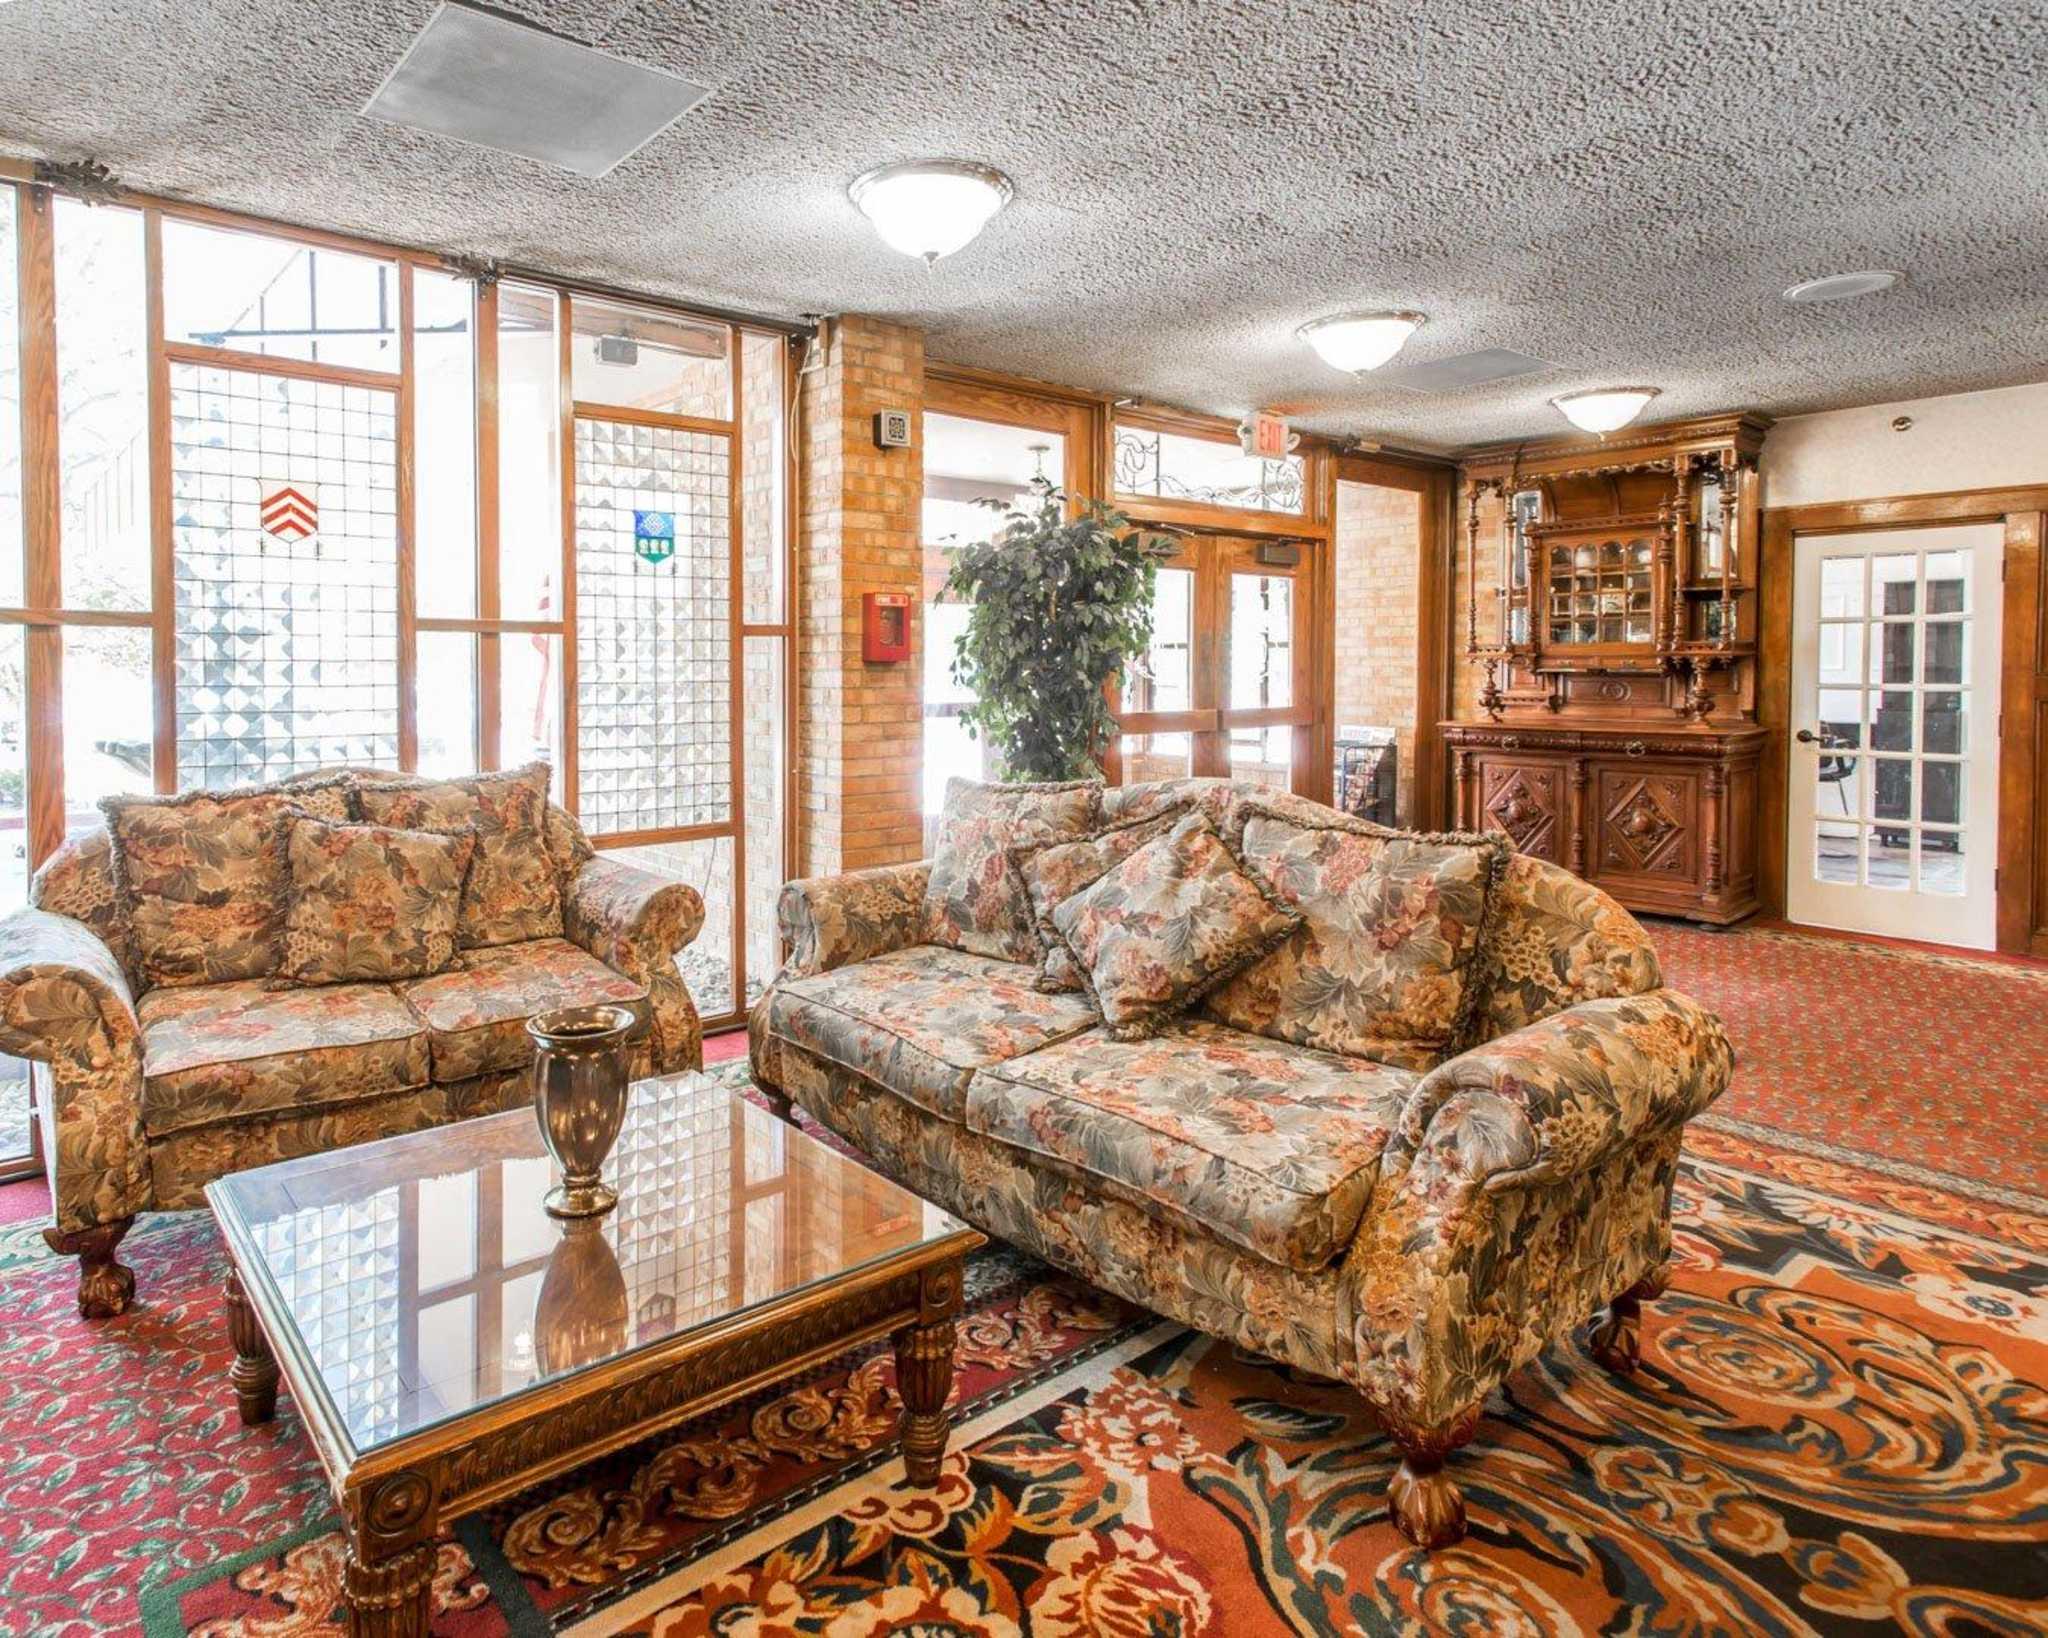 Rodeway inn suites boulder broker boulder colorado co - Millennium home design fort wayne ...